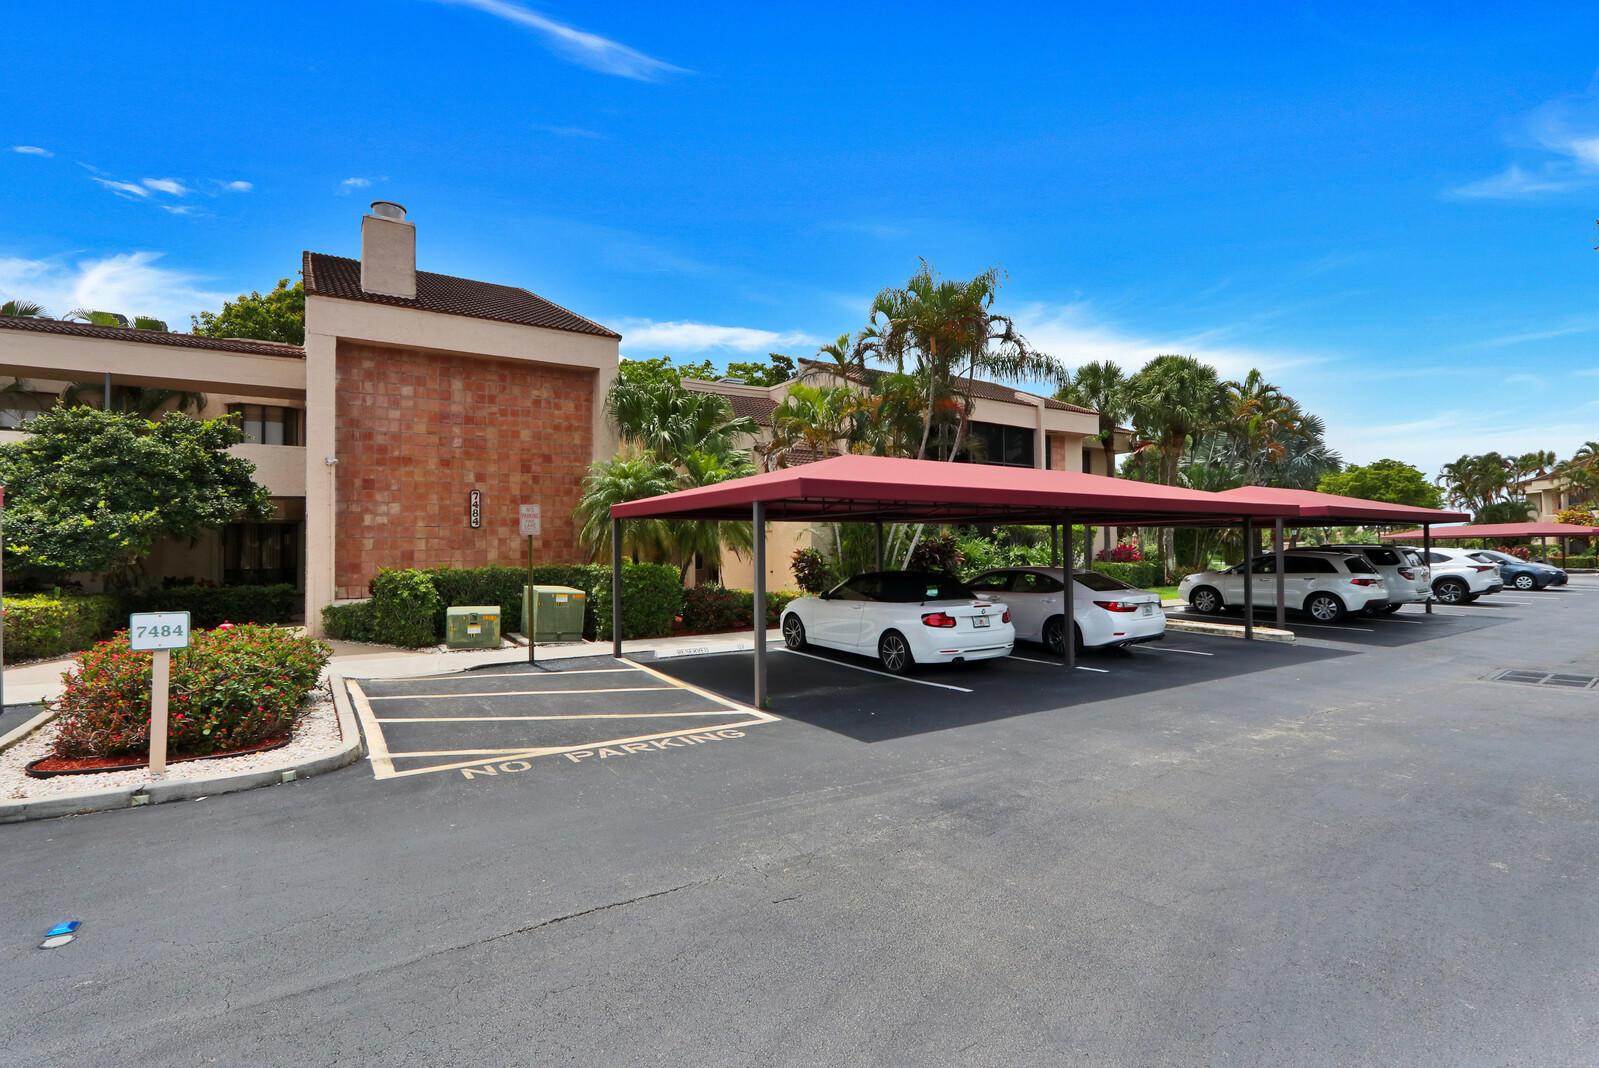 7484 La Paz Boulevard Boca Raton, FL 33433